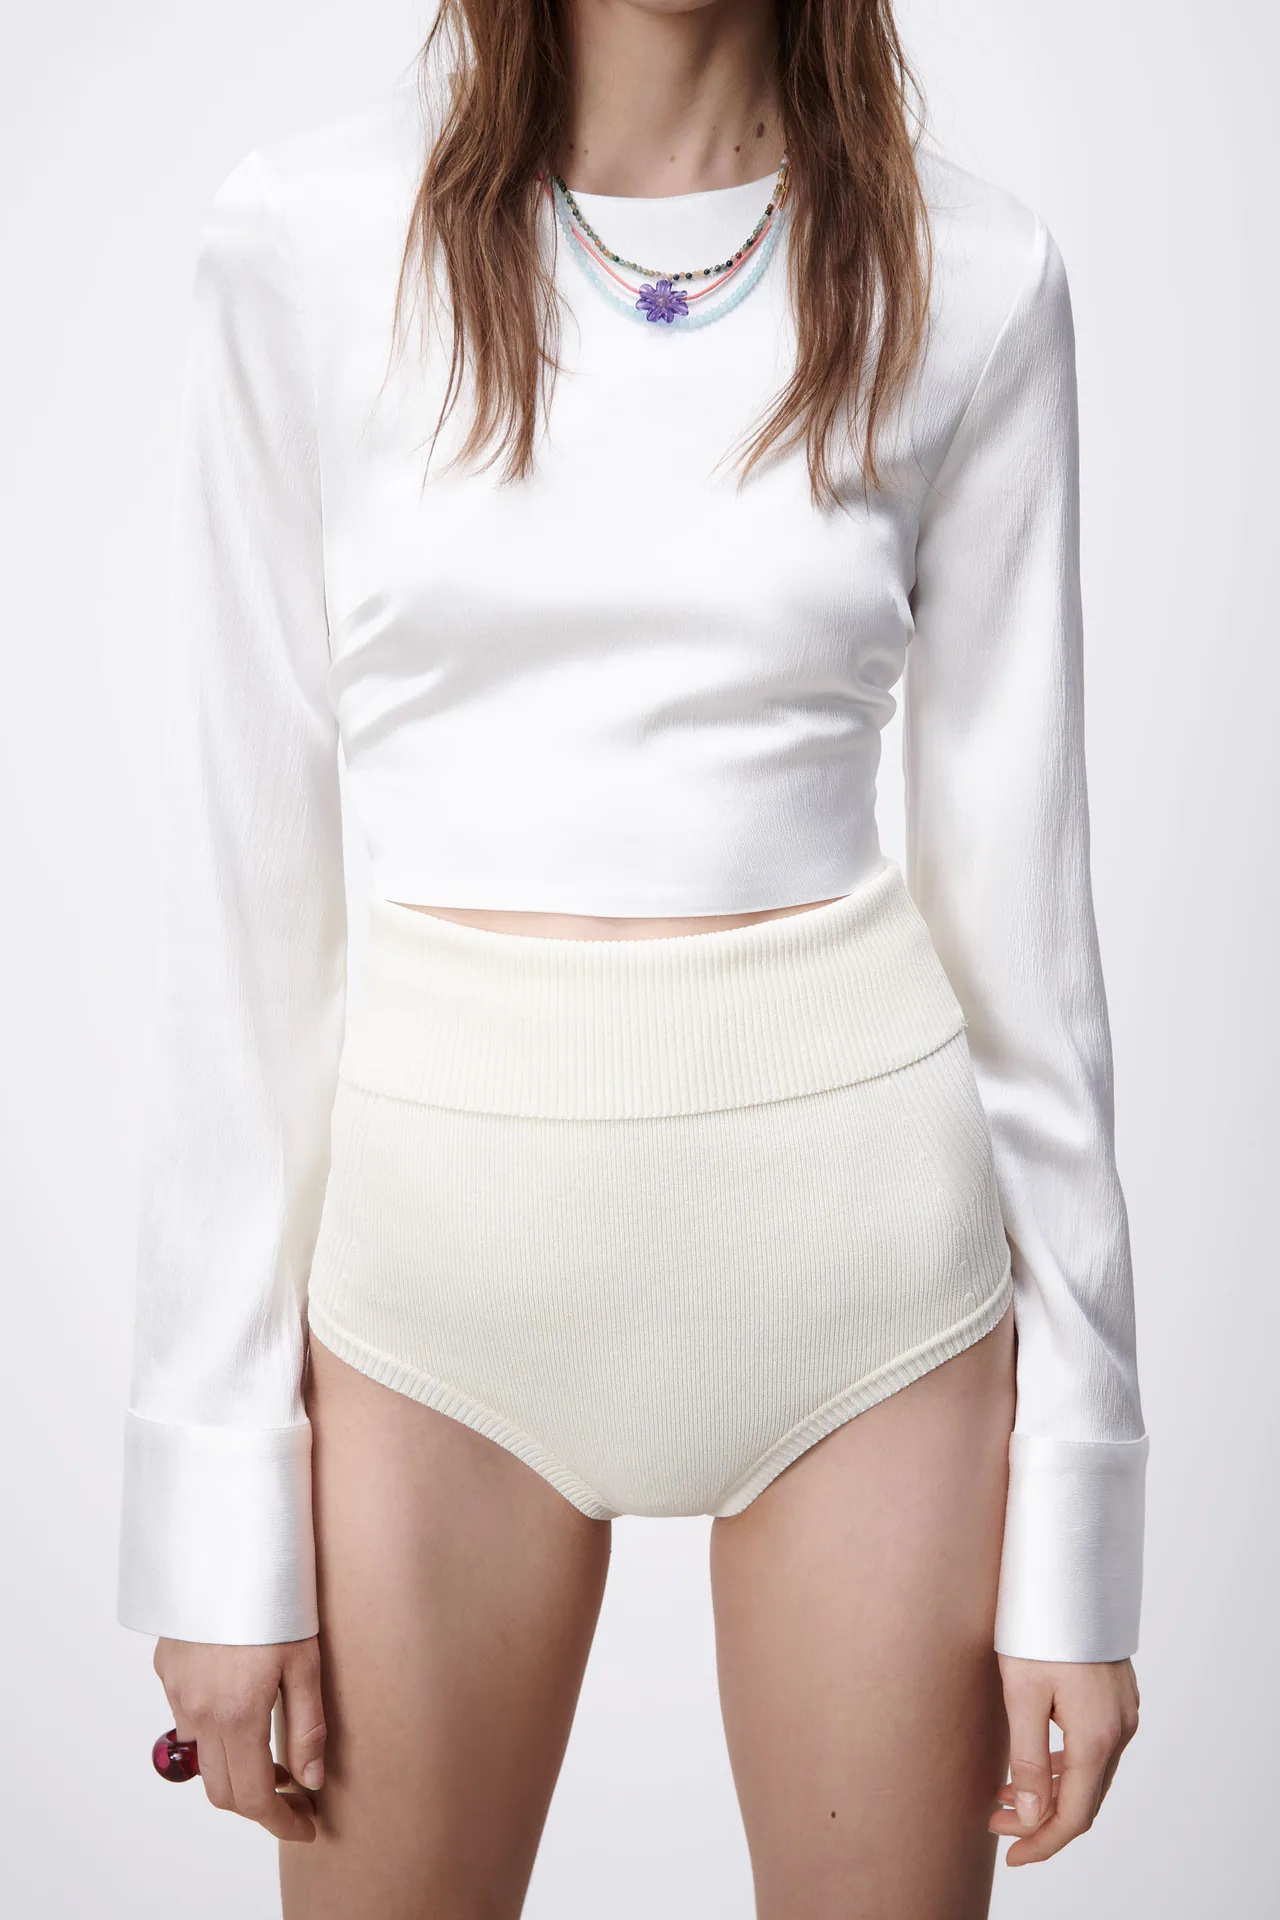 Zara Spring Collection Top